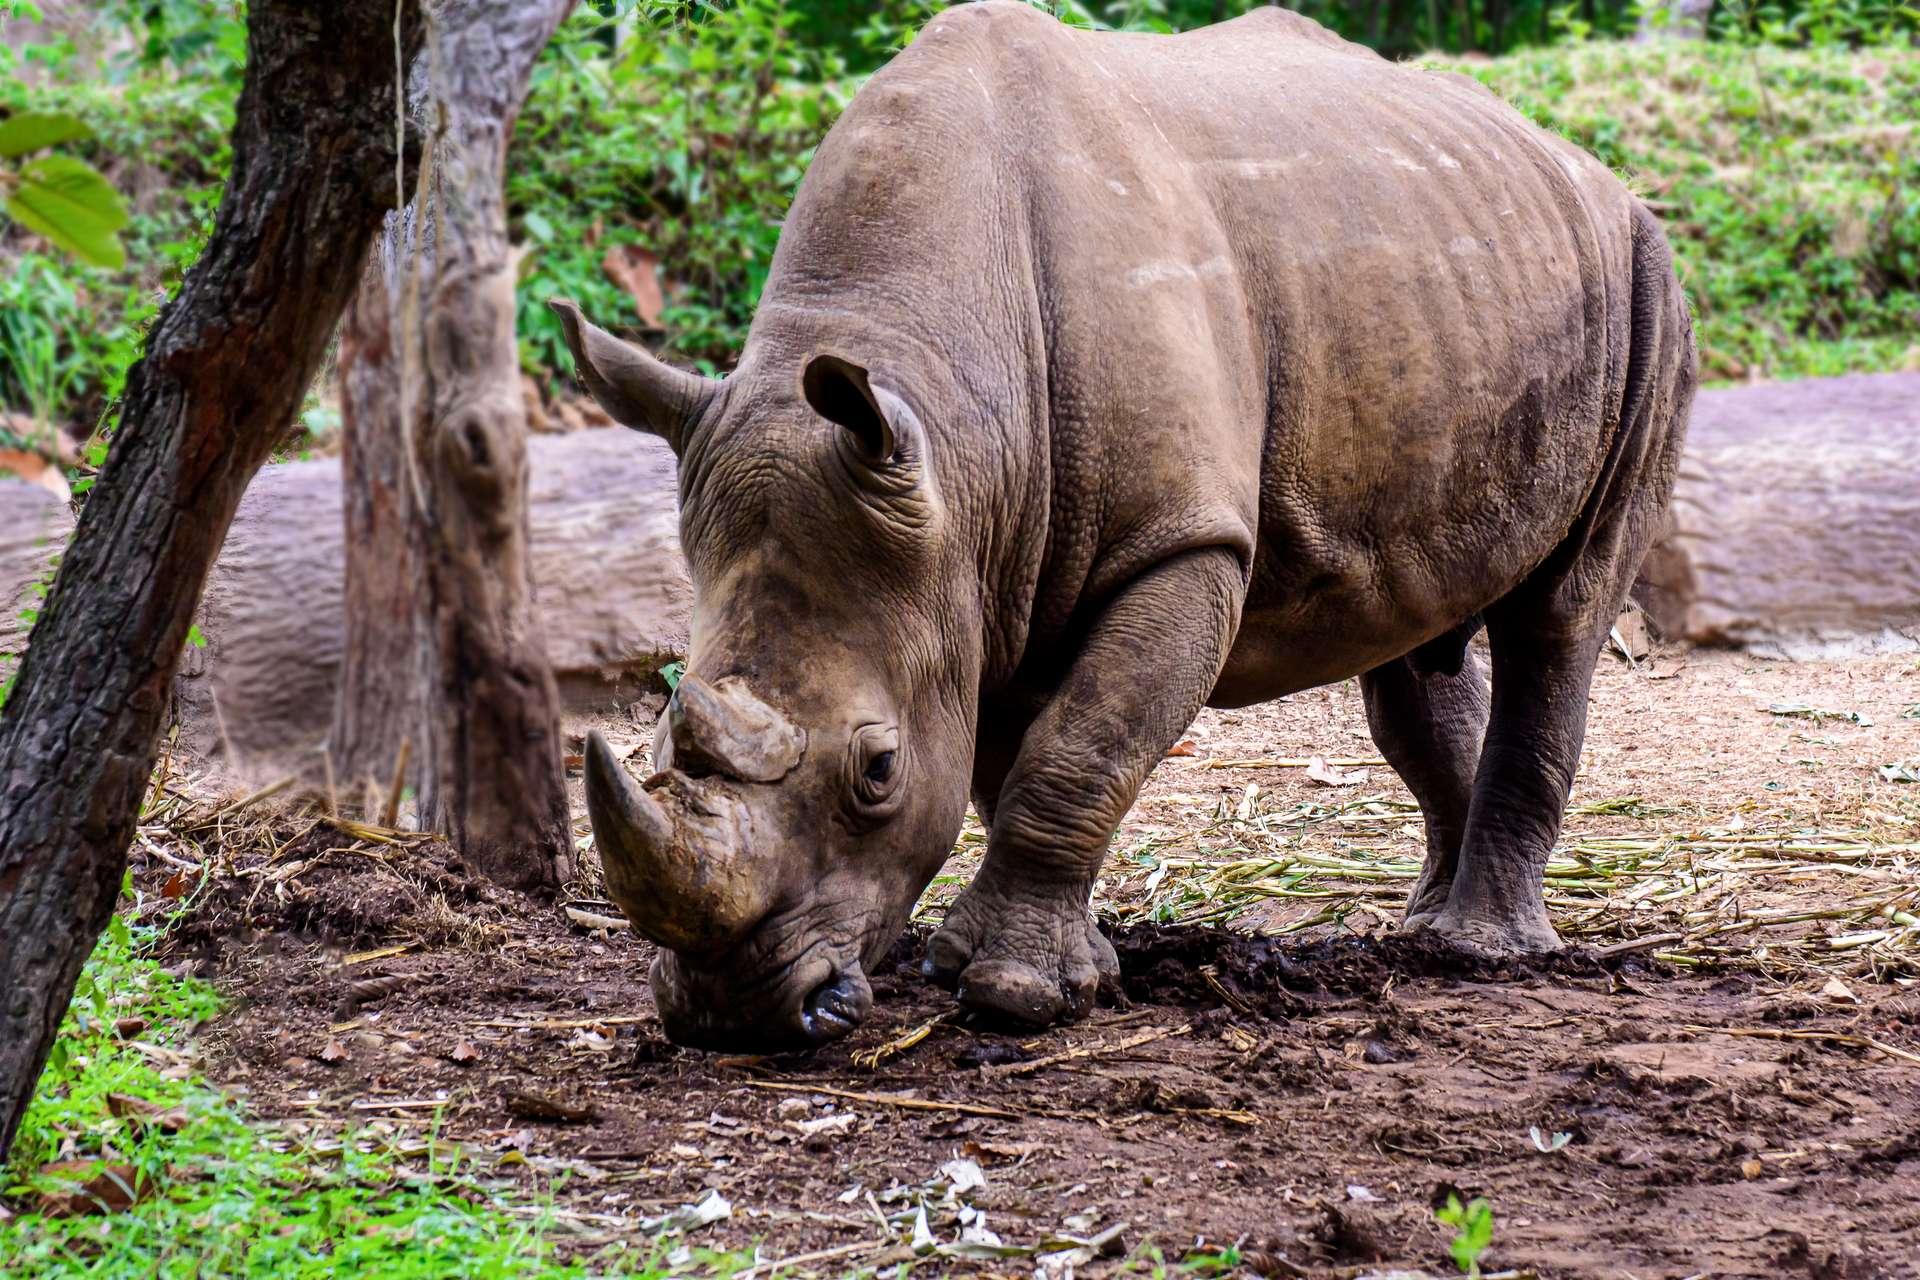 Après la mort d'Iman, il ne reste plus aucun rhinocéros de Sumatra en Malaisie. © Nuwatphoto, Adobe Stock